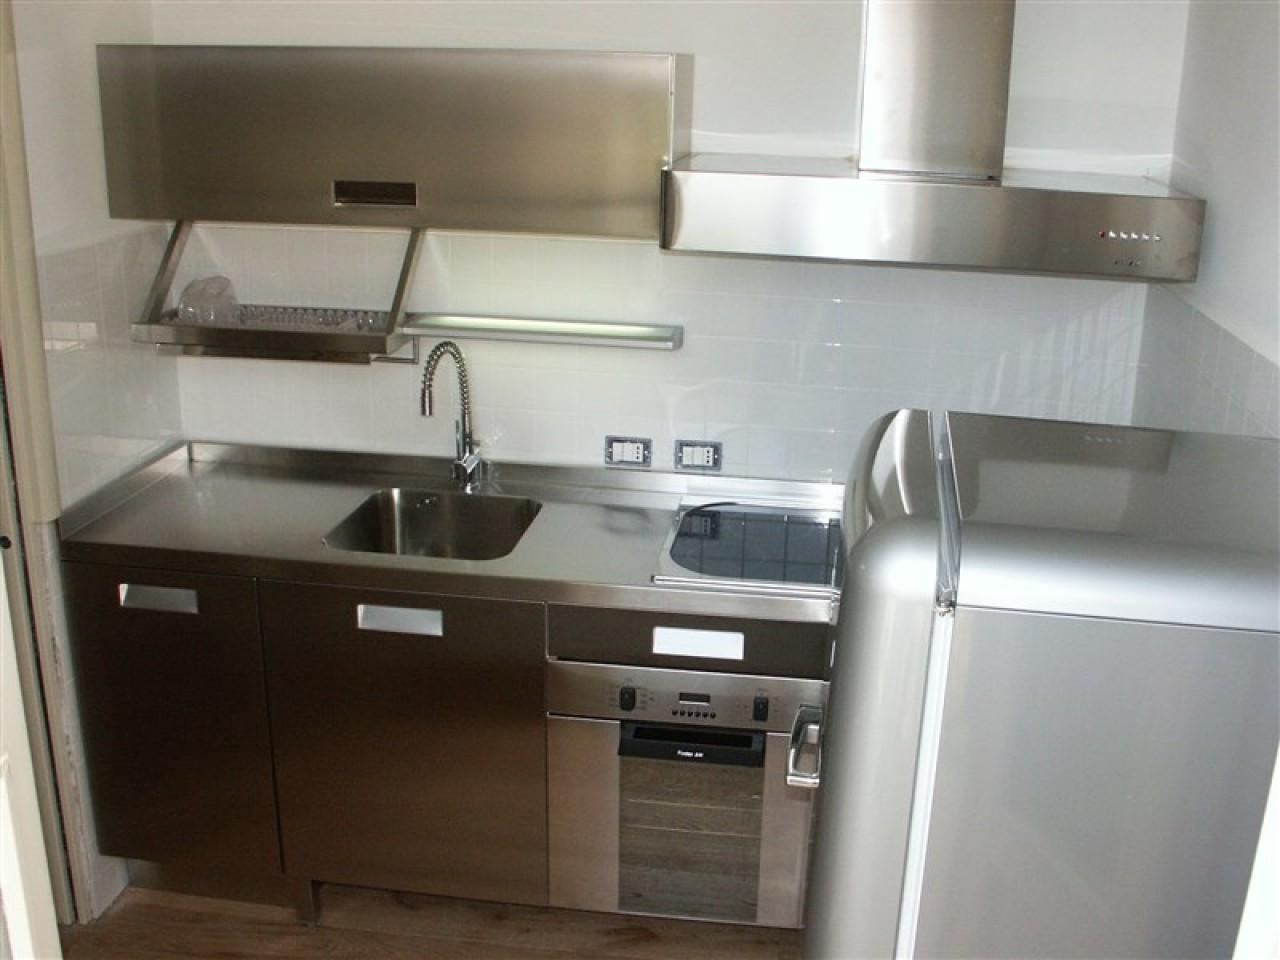 Cucina acciaio inox angolare  Progetti Borlina Acciaio